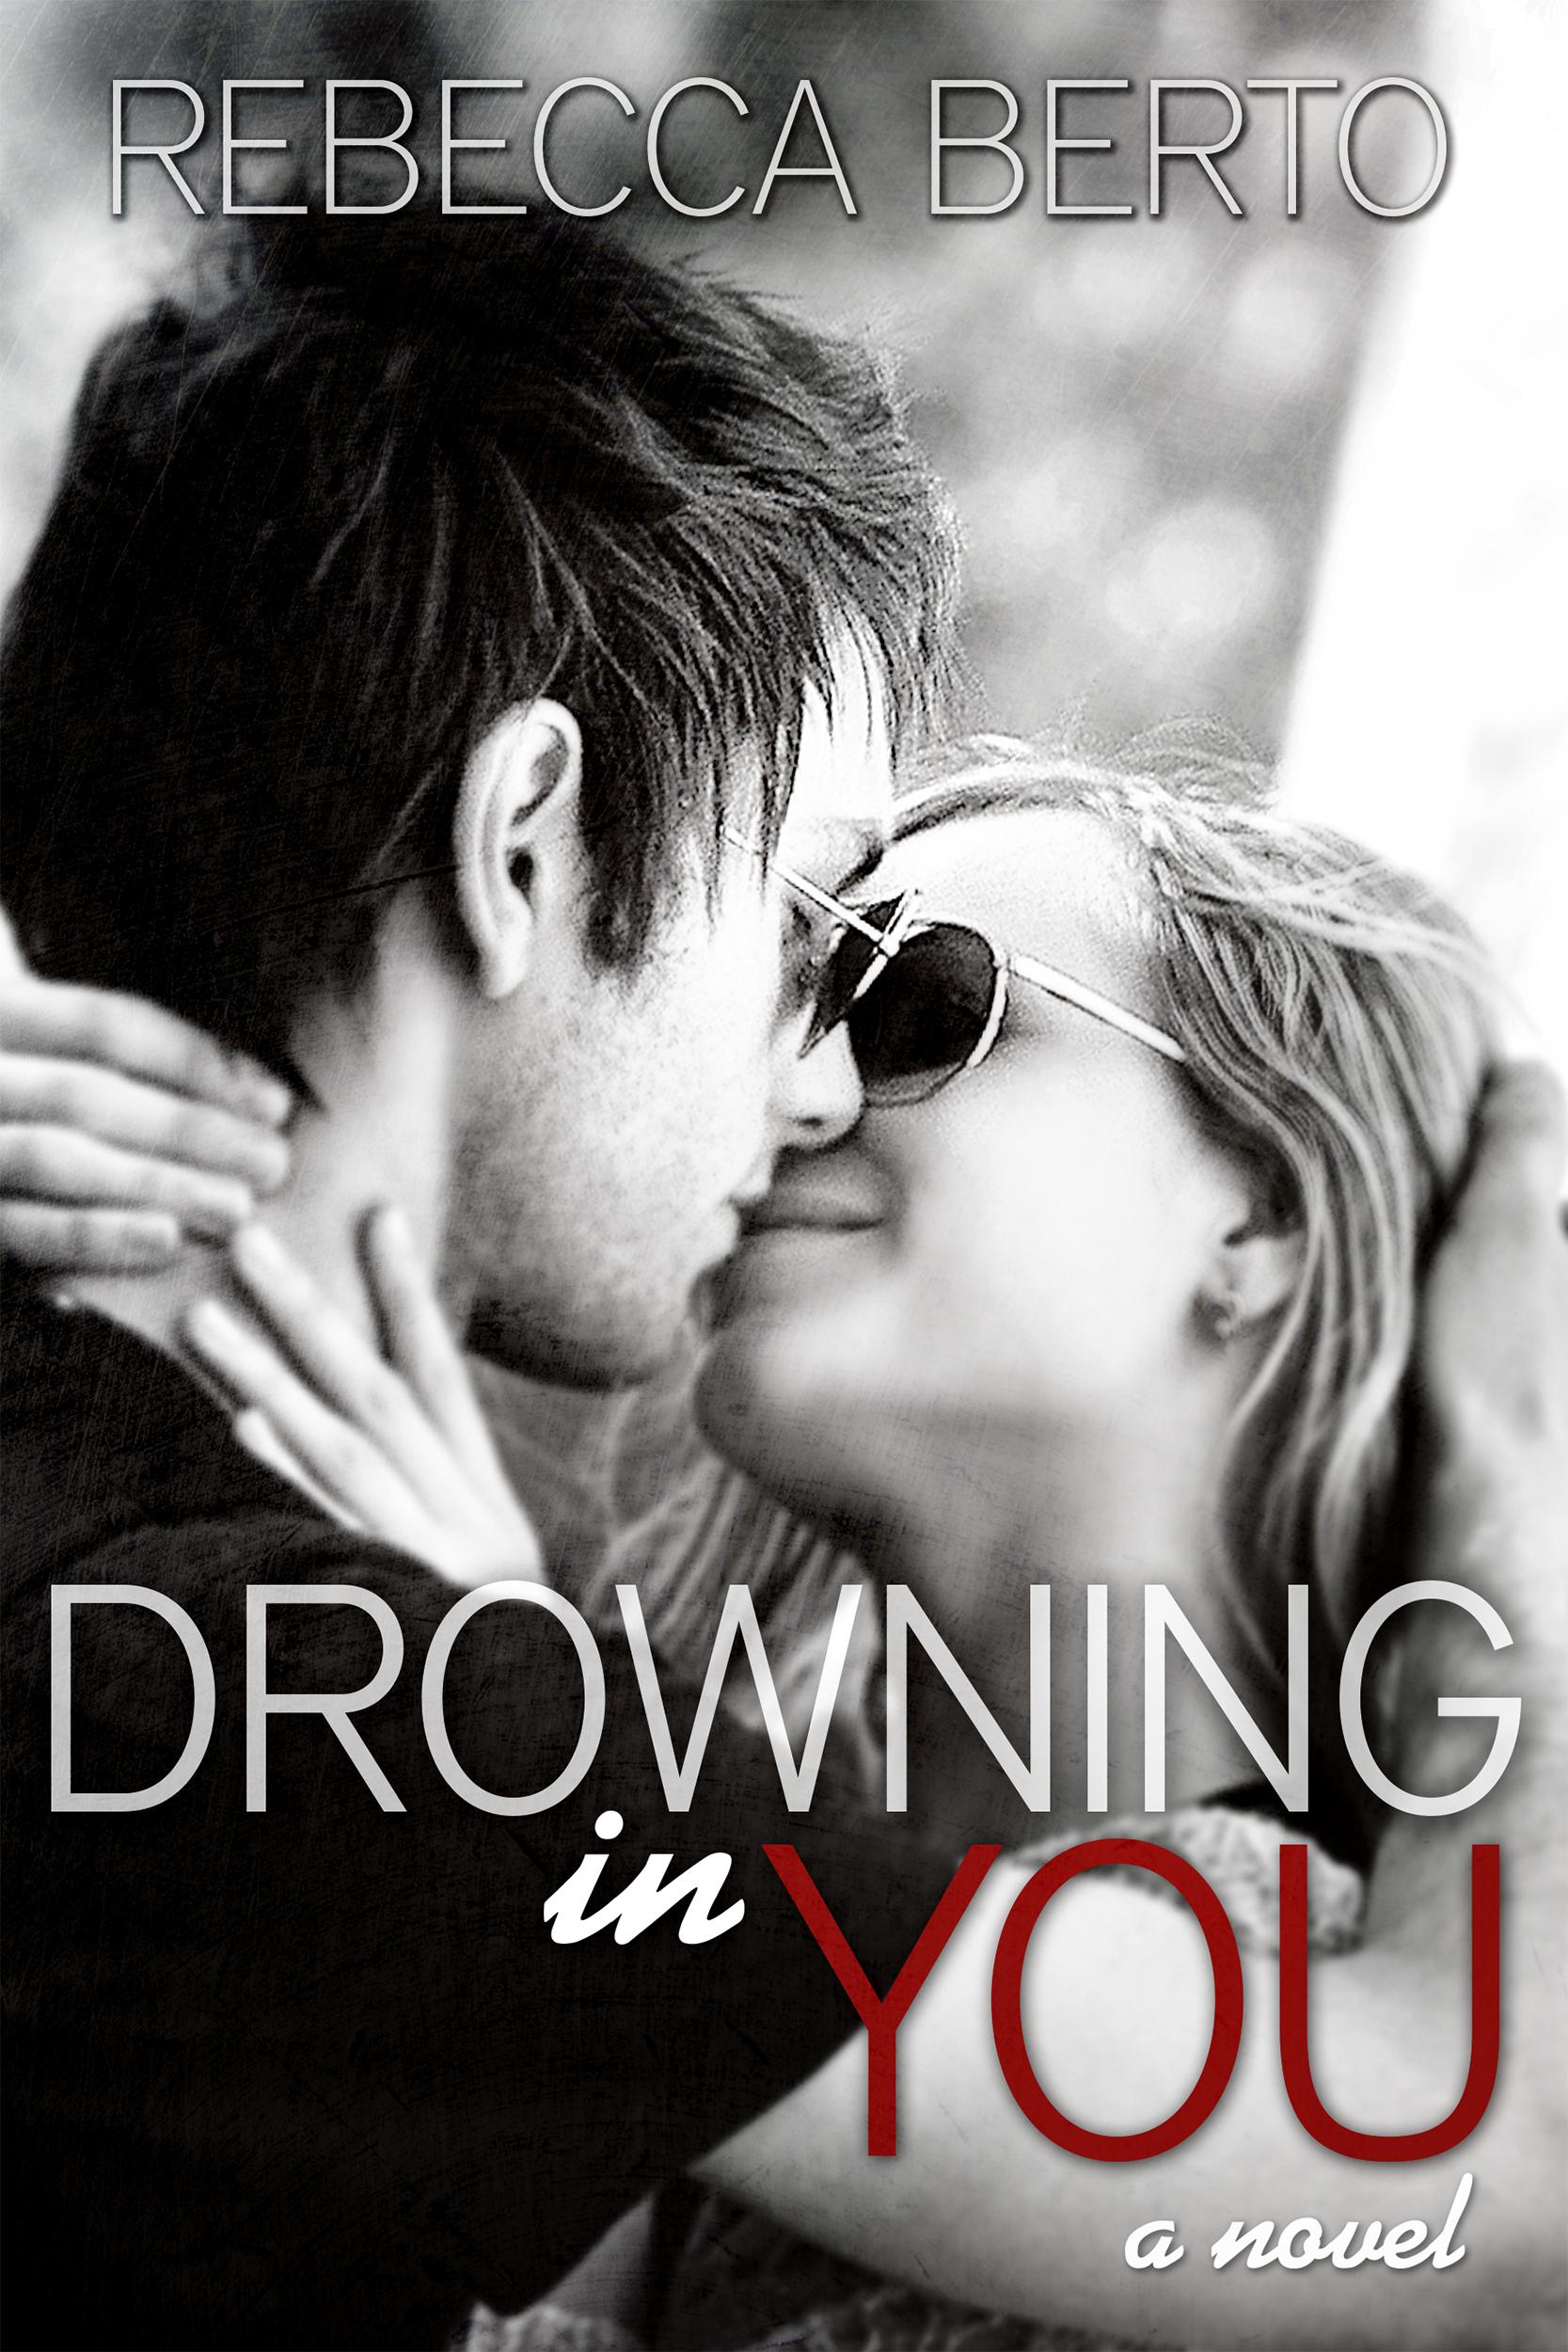 DrowningInYou AMAZON